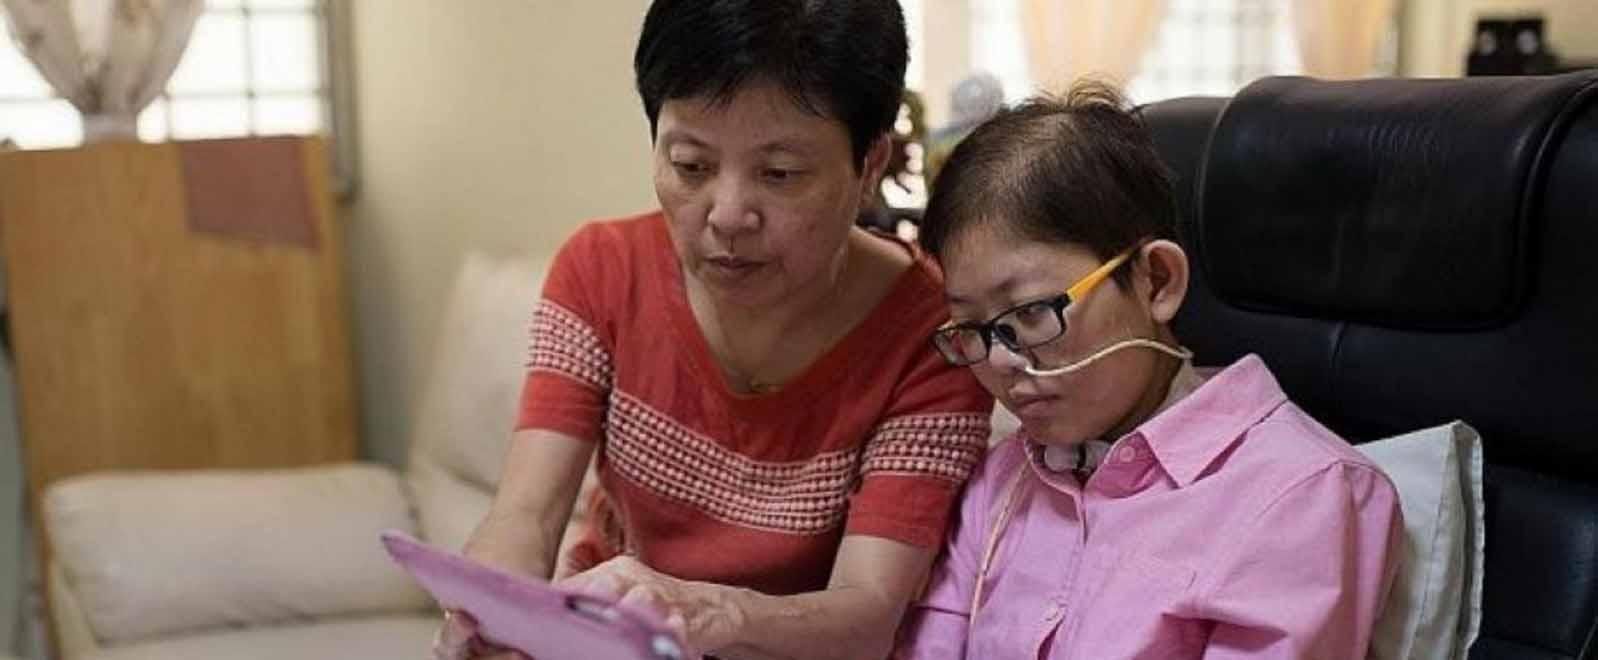 陈太太陪女儿一起看最新的韩剧,尝试新的食谱,两人形影不离。